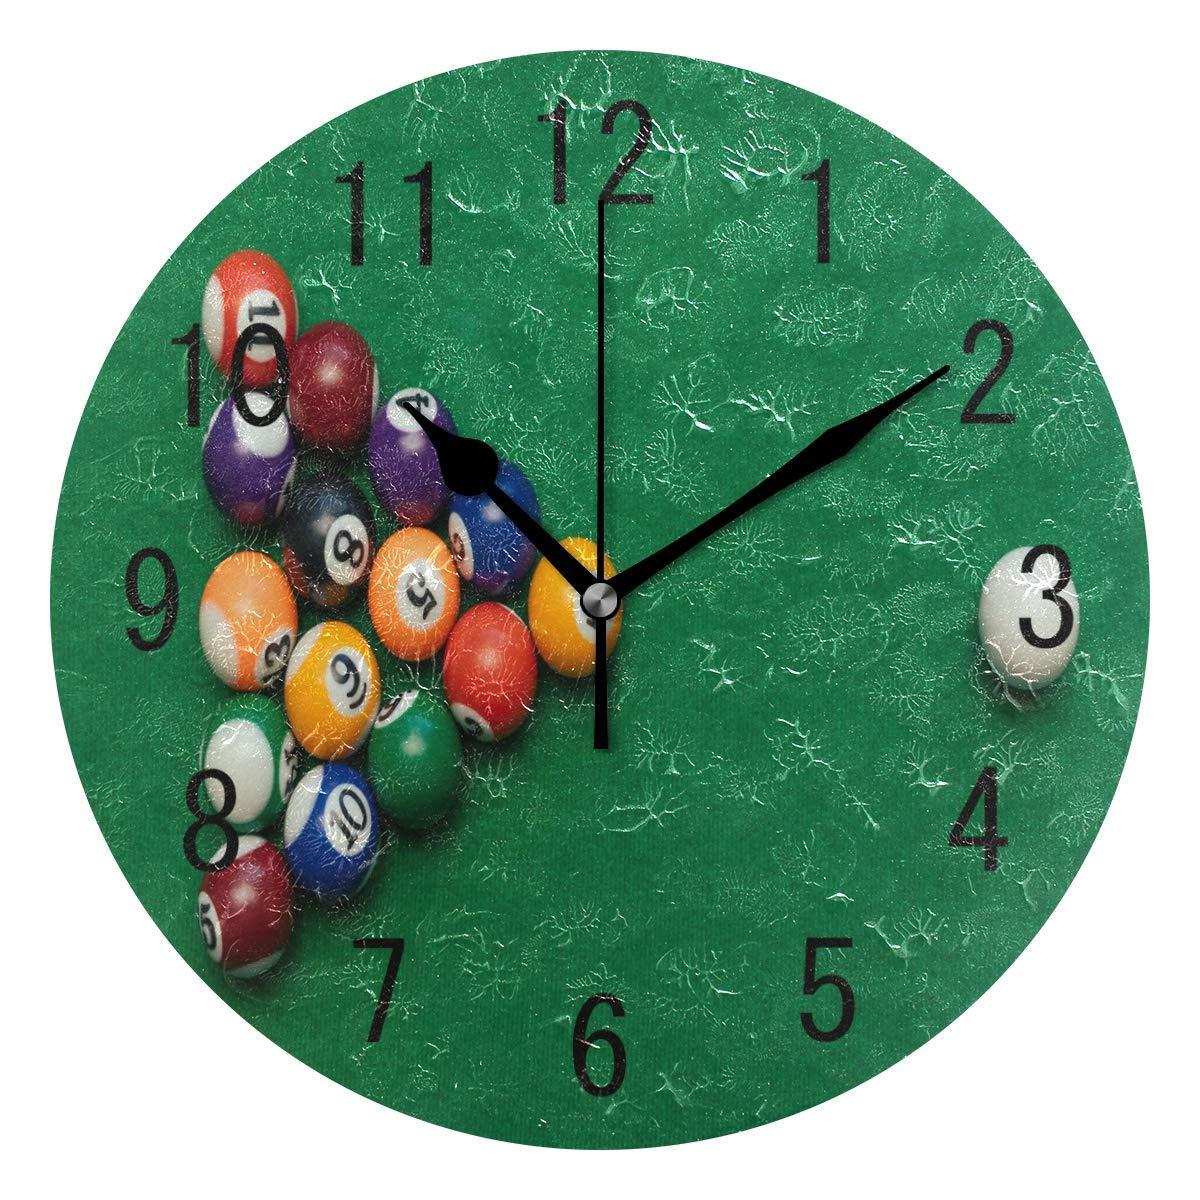 LZXO - Reloj de Pared con Bolas de Billar Coloridas y silenciosas, Reloj Redondo de 9.84 Pulgadas, Funciona con Pilas, Decorativo, para Cocina, Sala de Estar, Dormitorio, Oficina: Amazon.es: Hogar